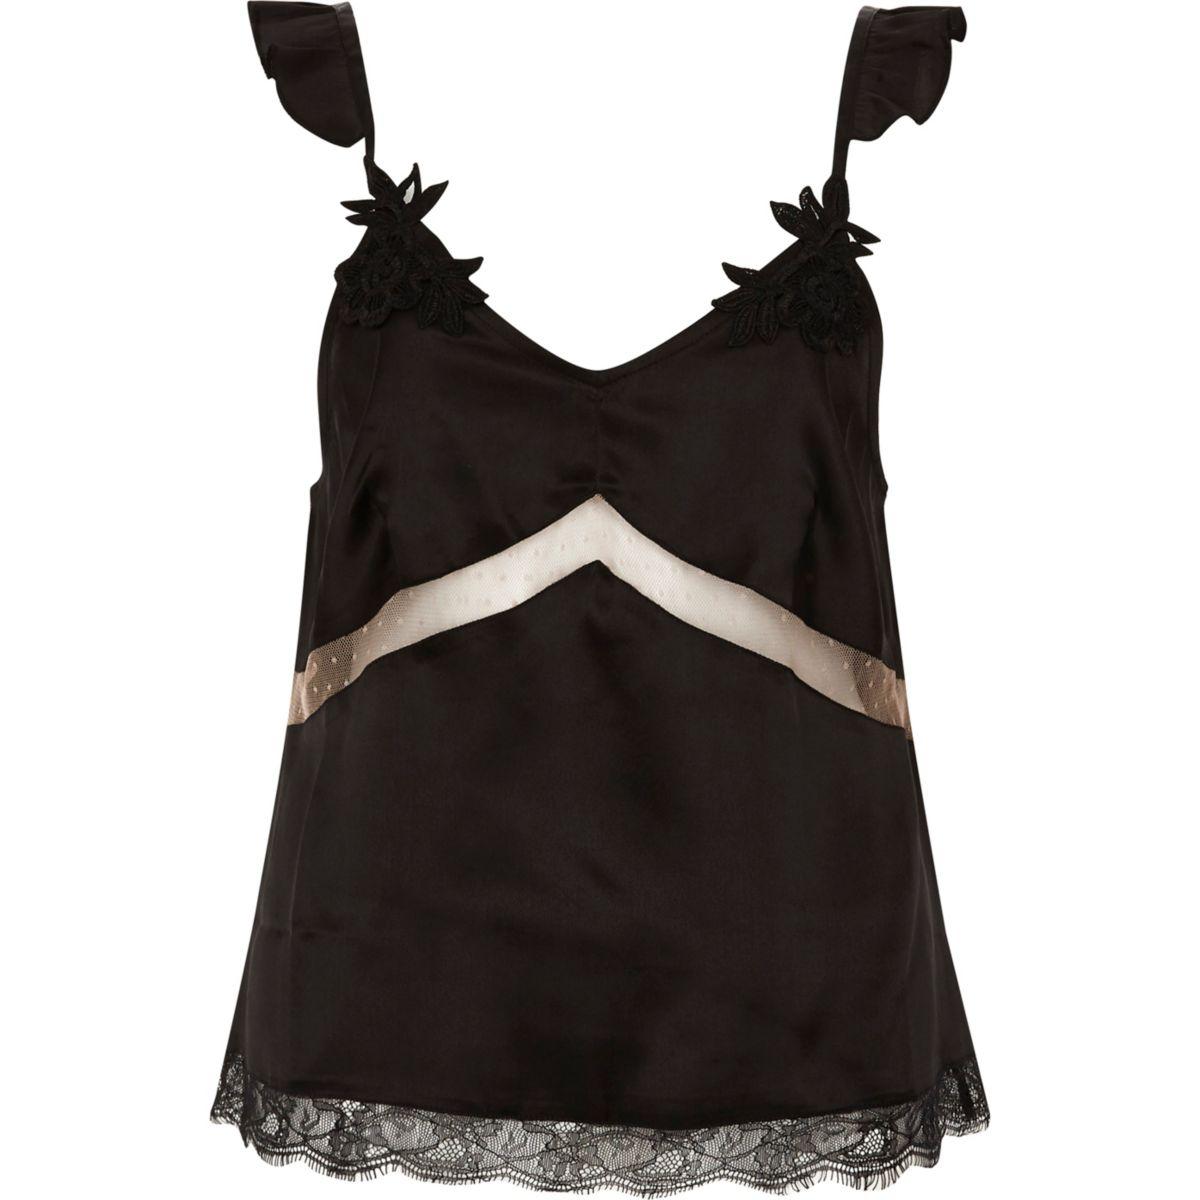 Zwarte satijnen pyjamatop met appliqué op de bandjes en kant